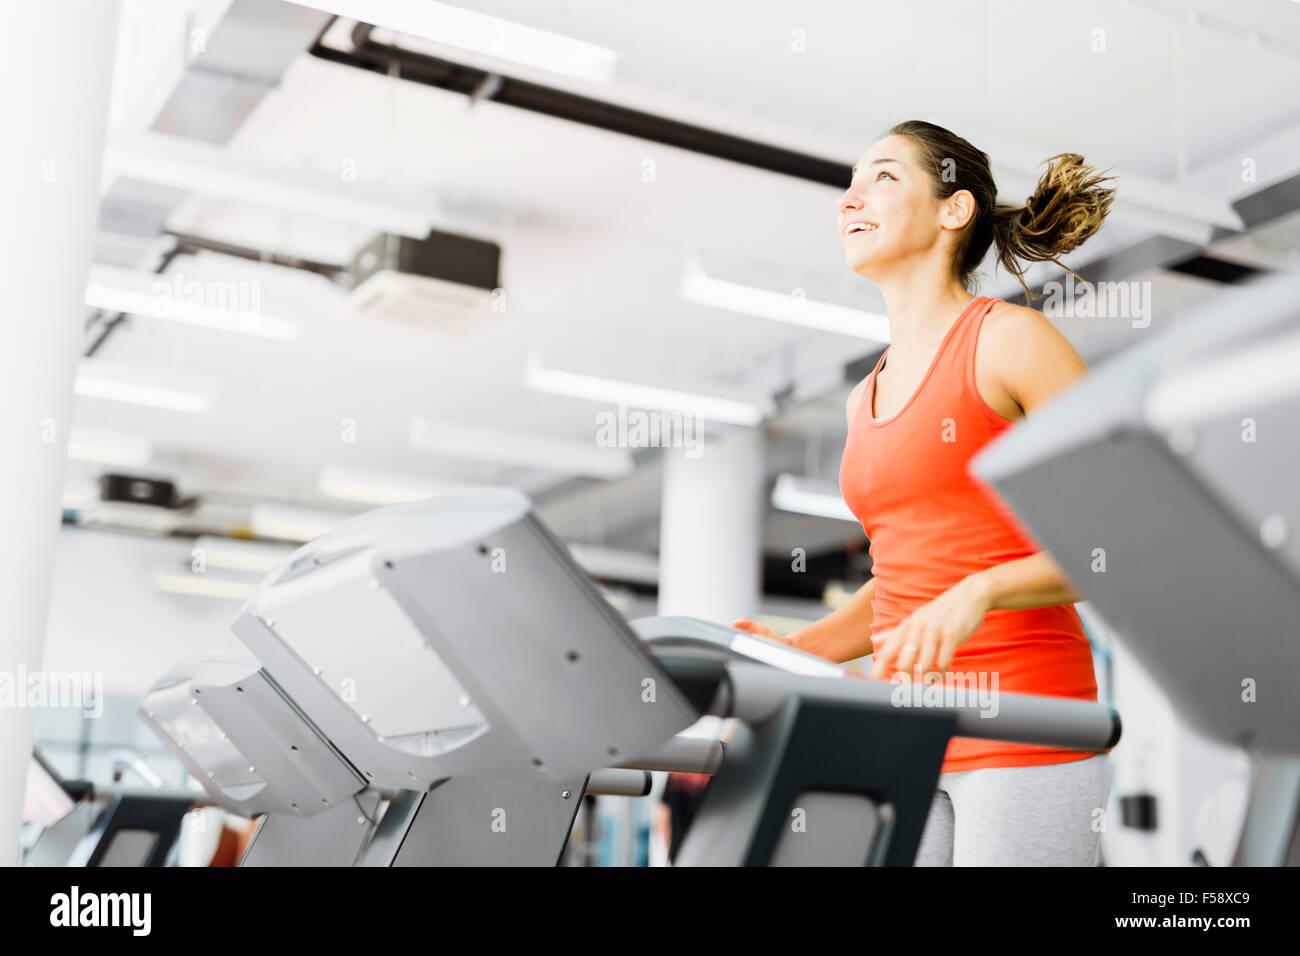 Schöne junge Frau laufen auf einem Laufband im Fitnessstudio und lächelnd Stockbild